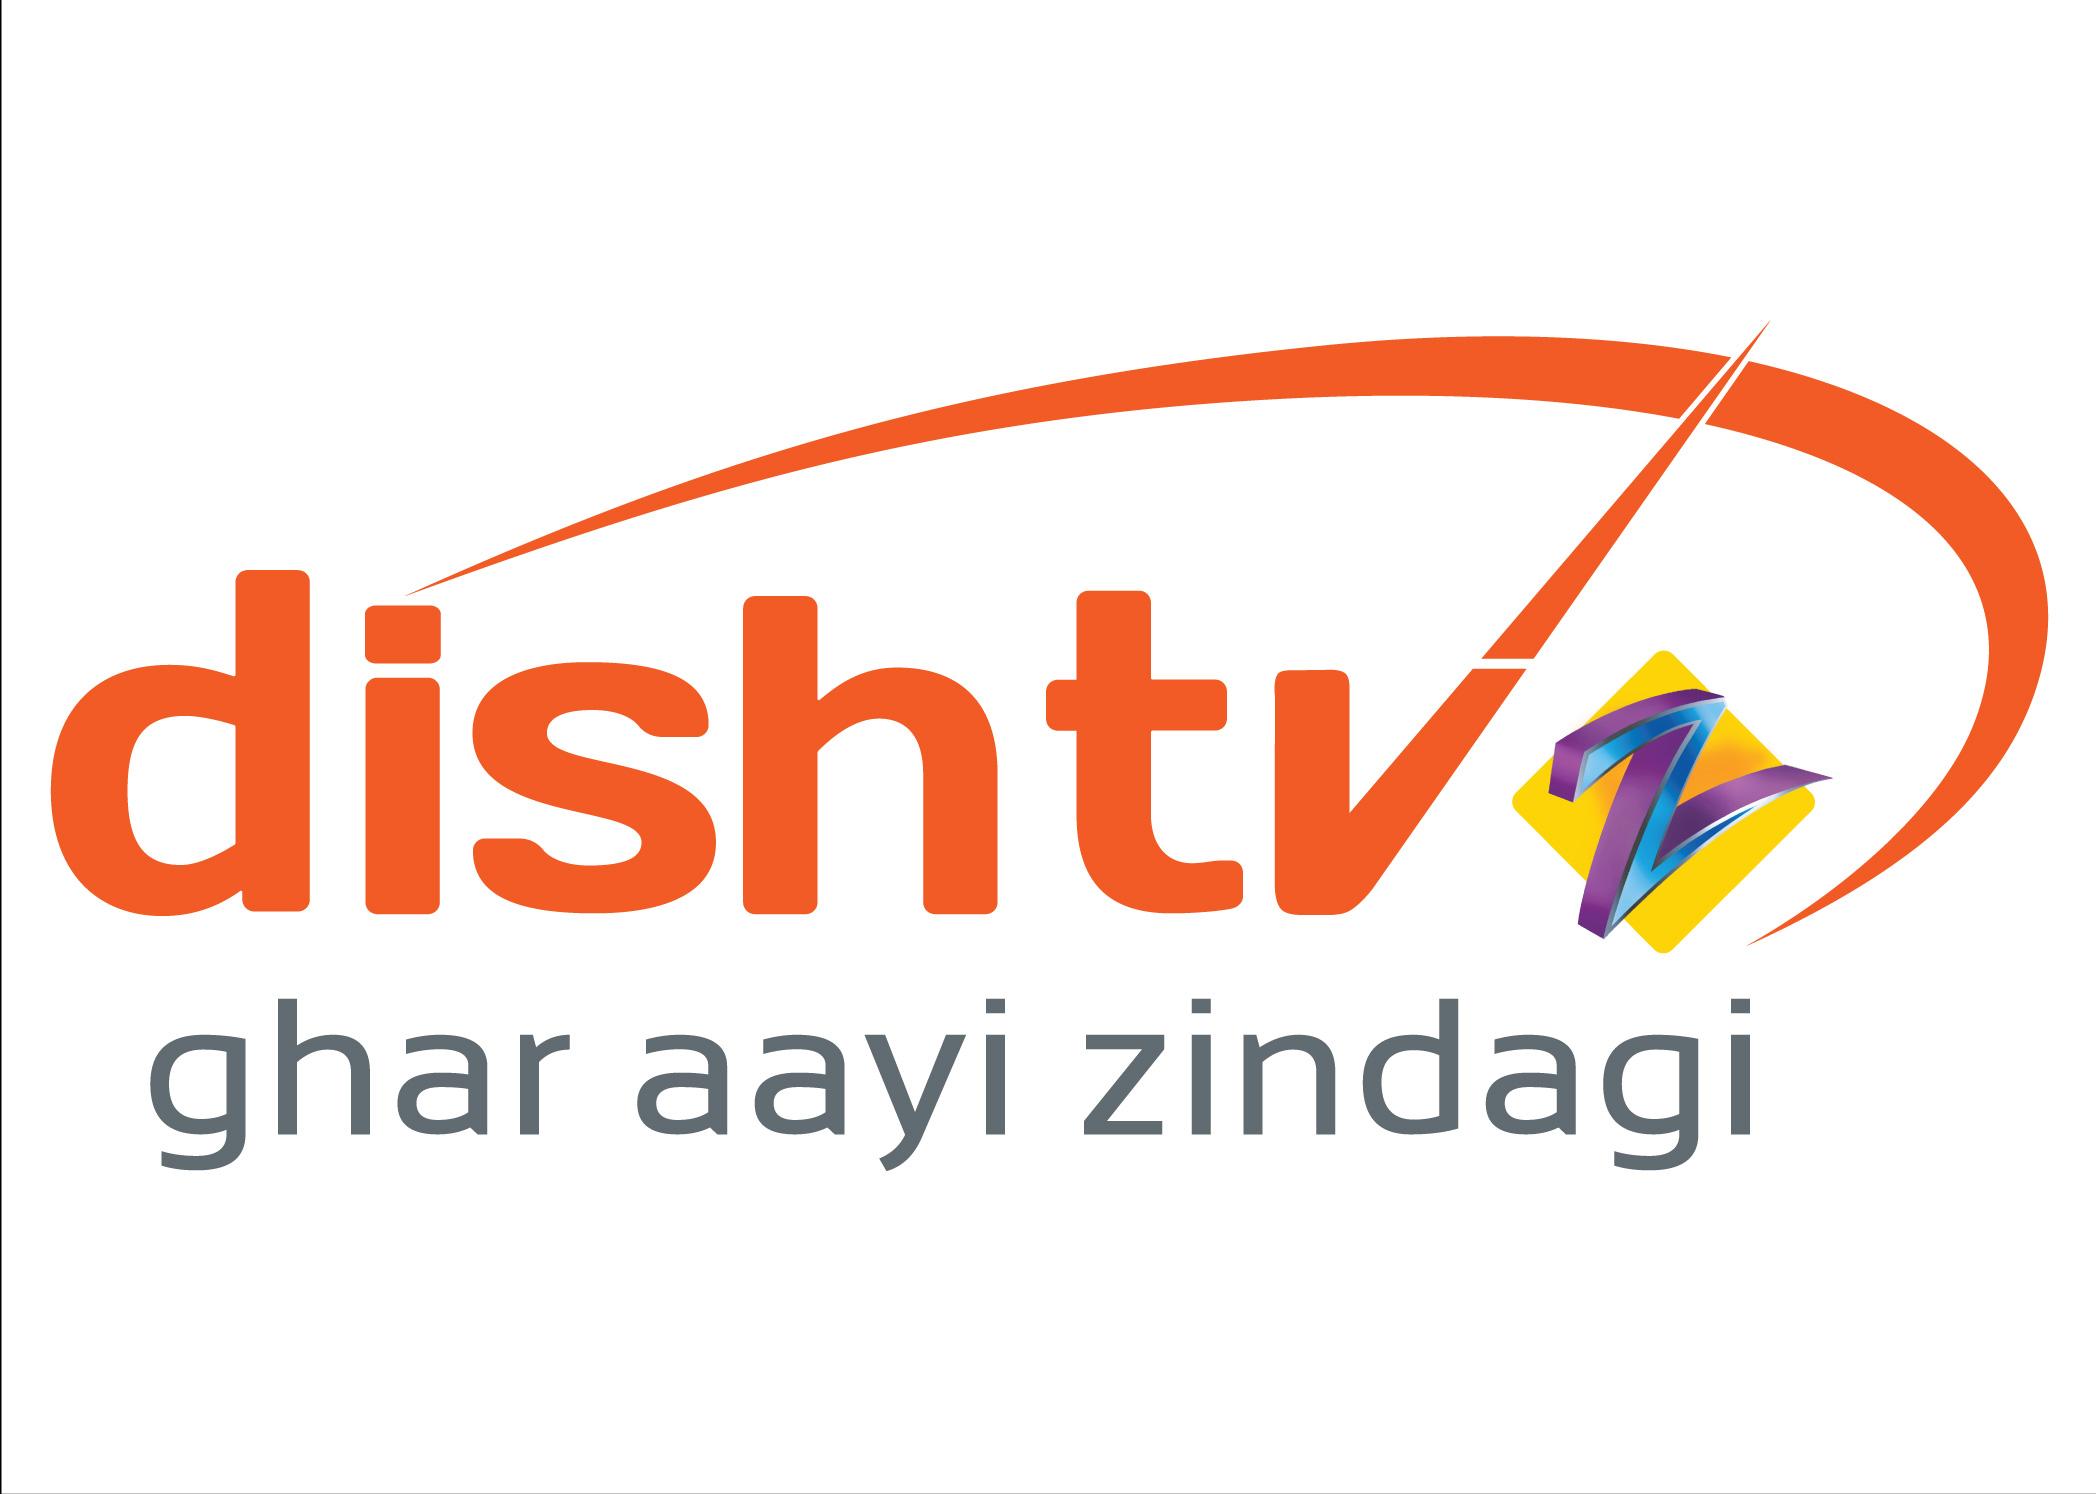 Placement Criteria for Dish tv India ltd